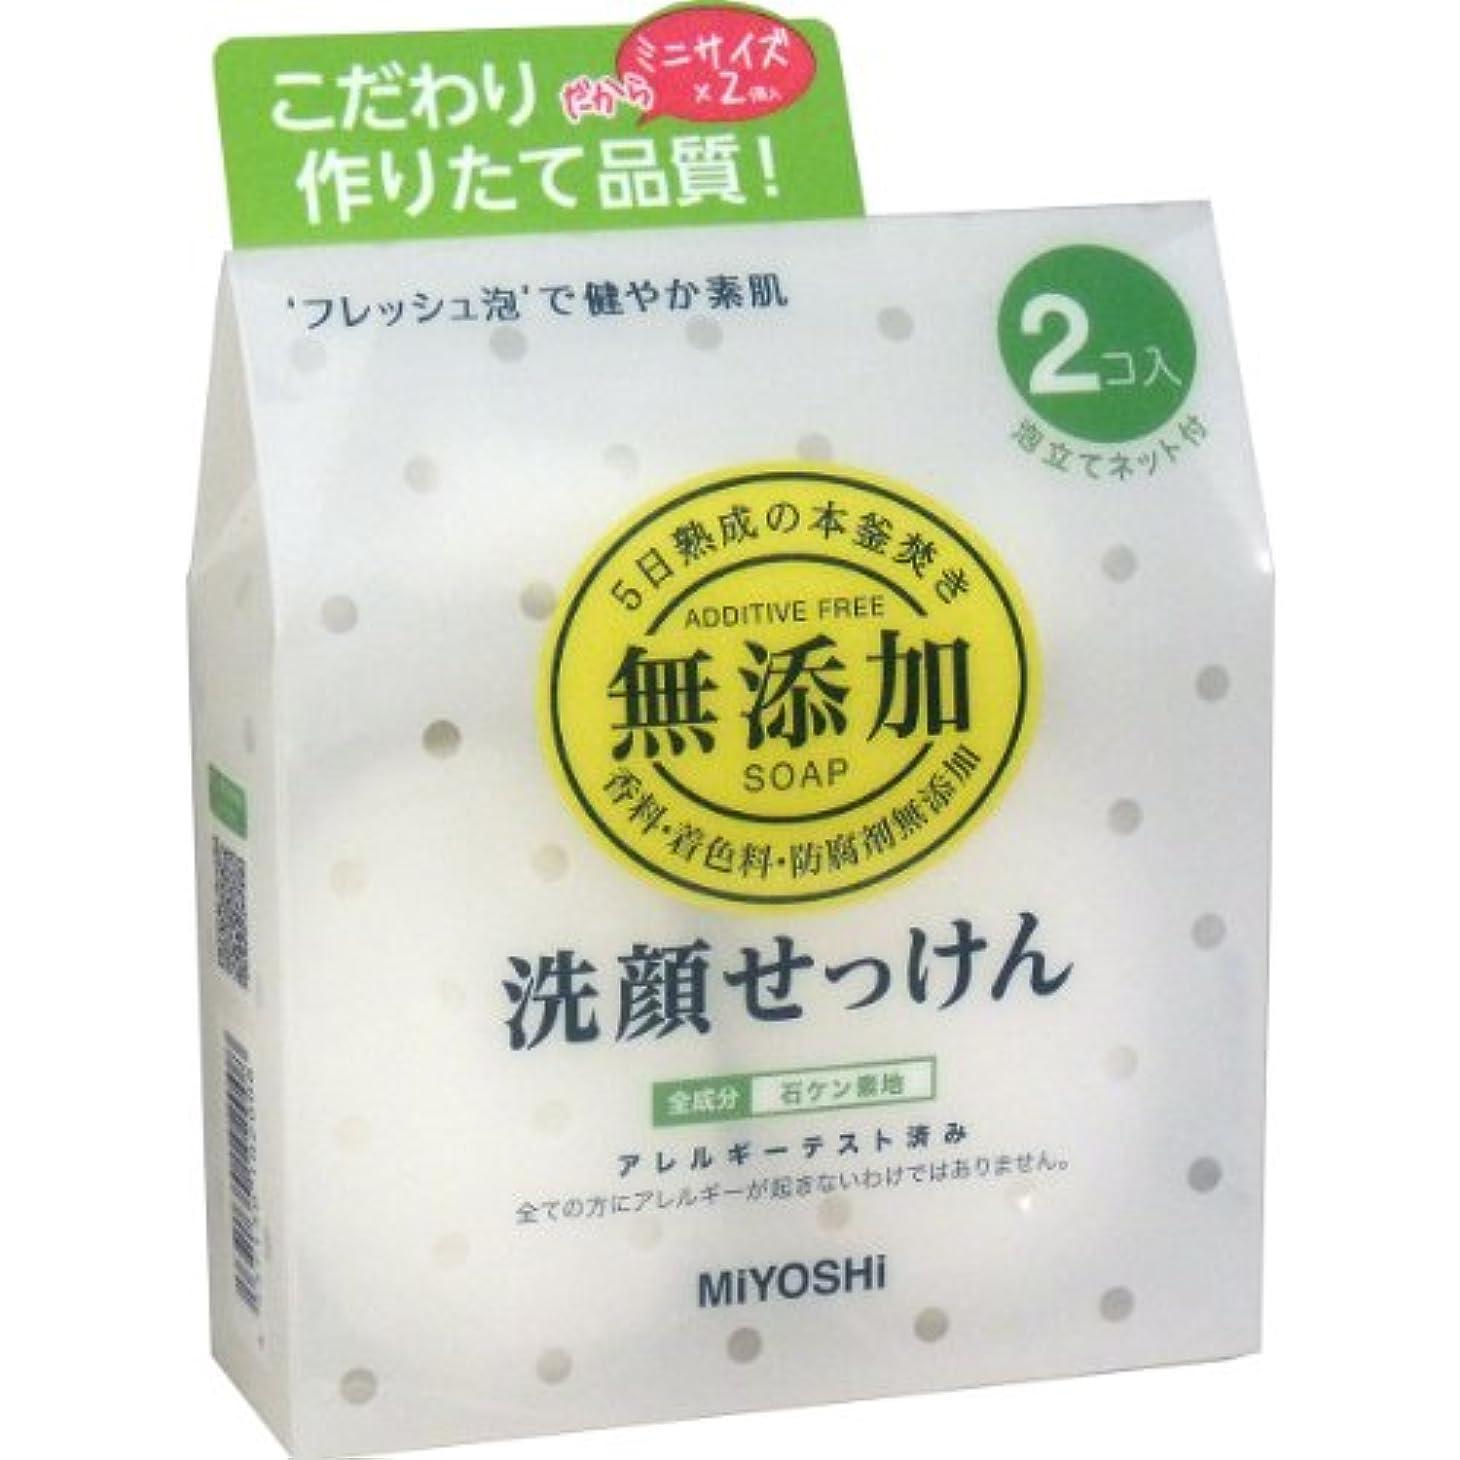 スピン汚いする【まとめ買い】ミヨシ石鹸 無添加洗顔せっけん2個入 80g ×2セット